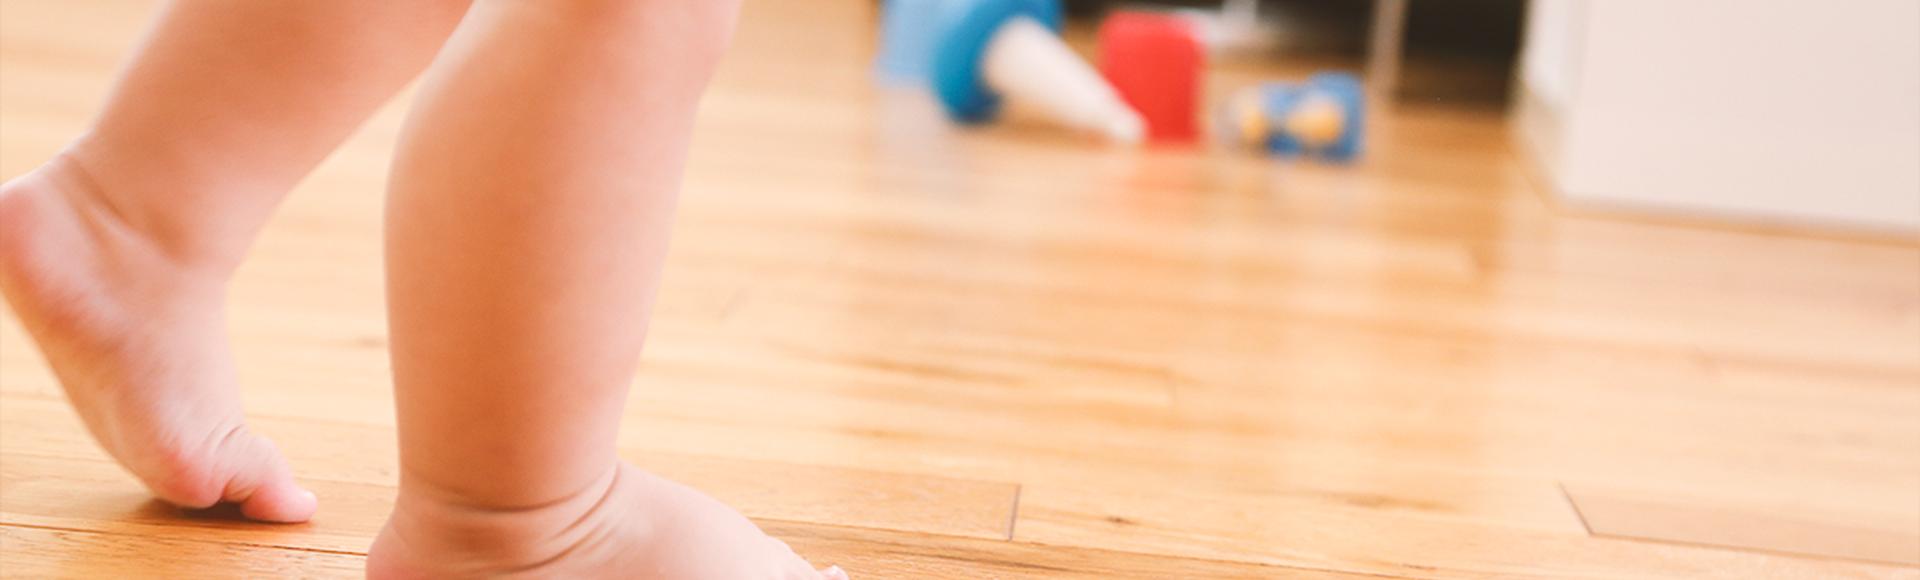 Primeiros passinhos: os bebês devem usar sapatos?